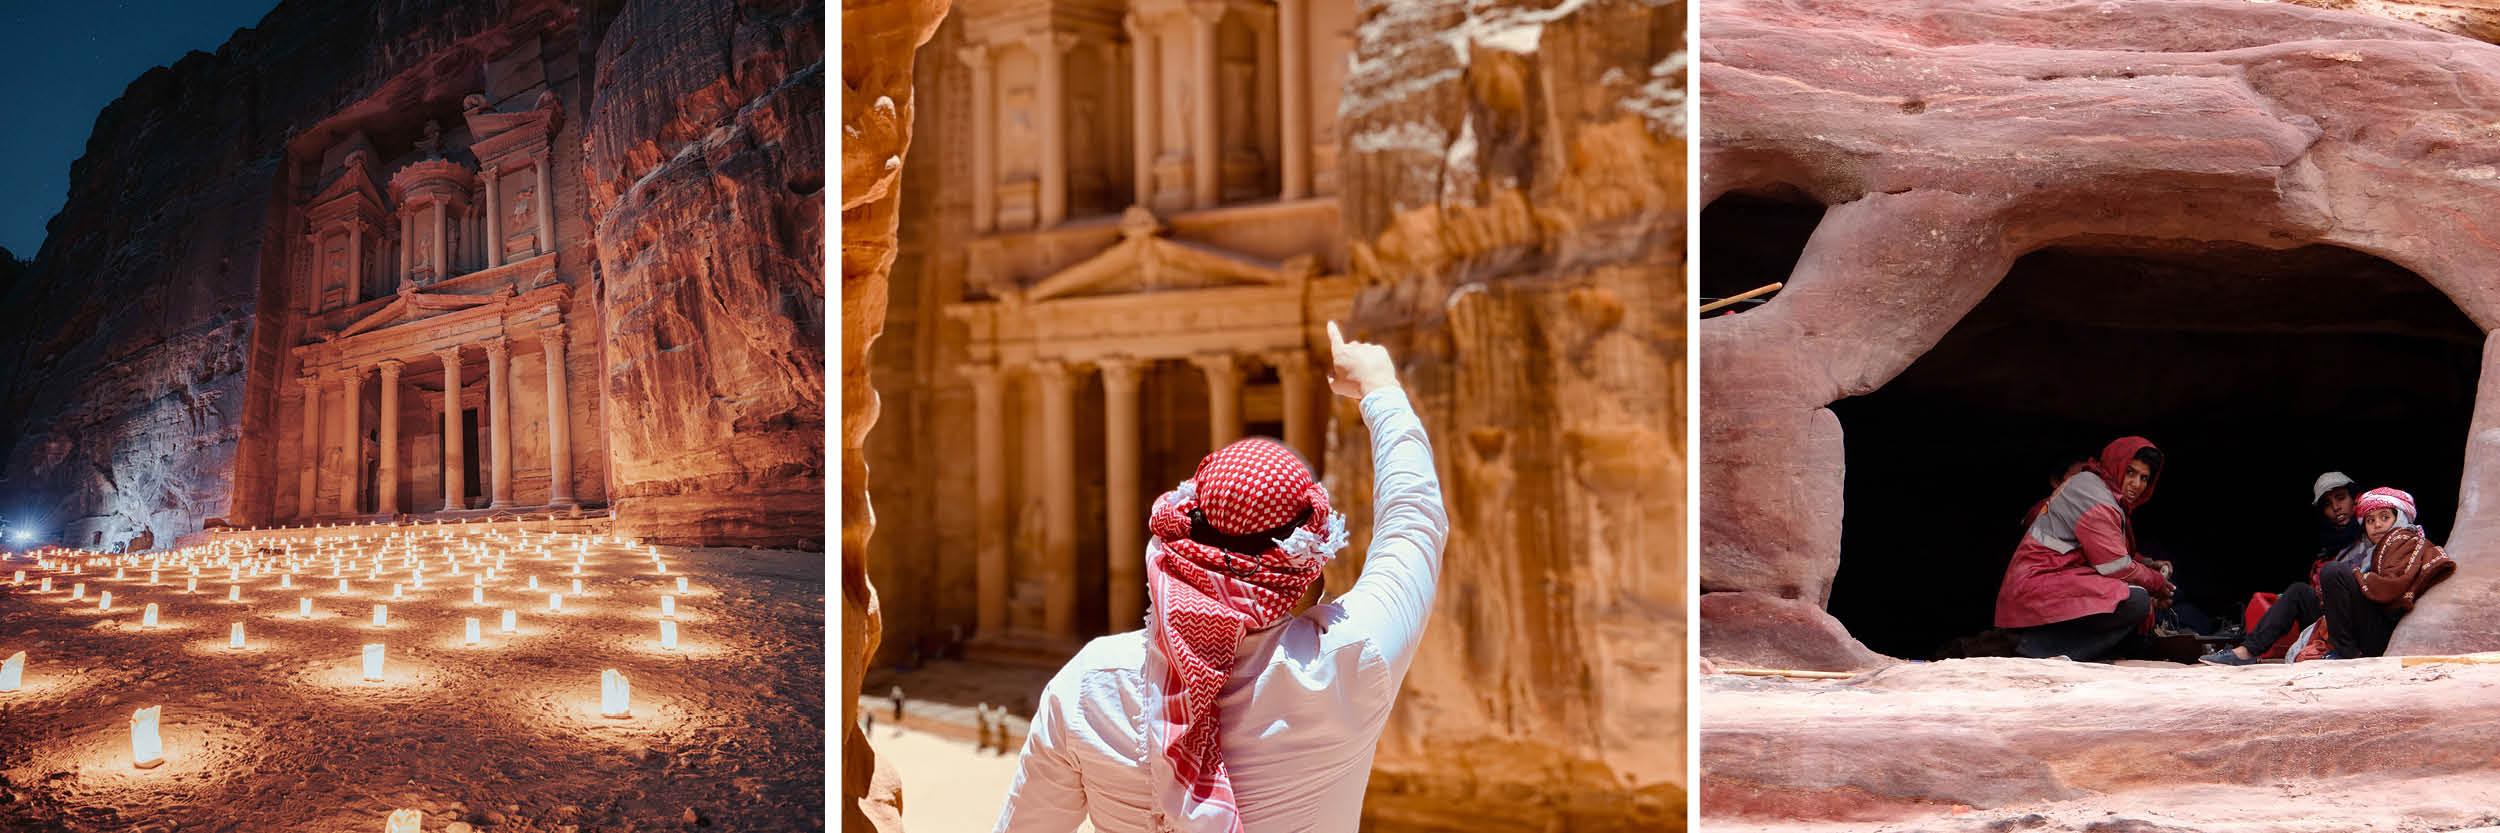 Jordan best travel books